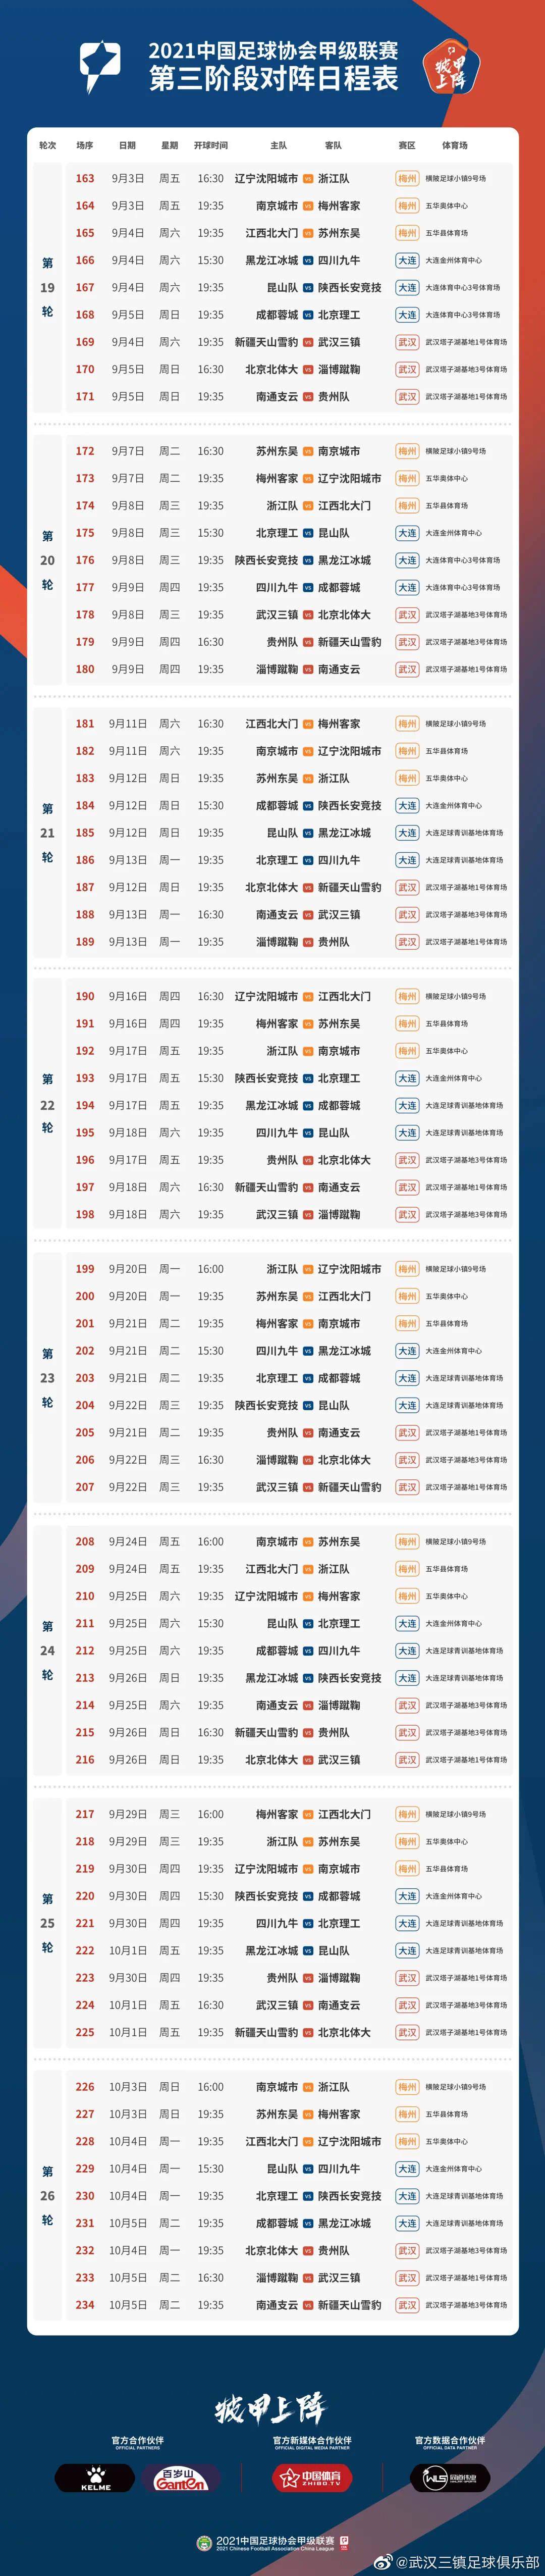 中甲第三阶段赛程:9月3日开赛10月5日结束 共踢8轮比赛